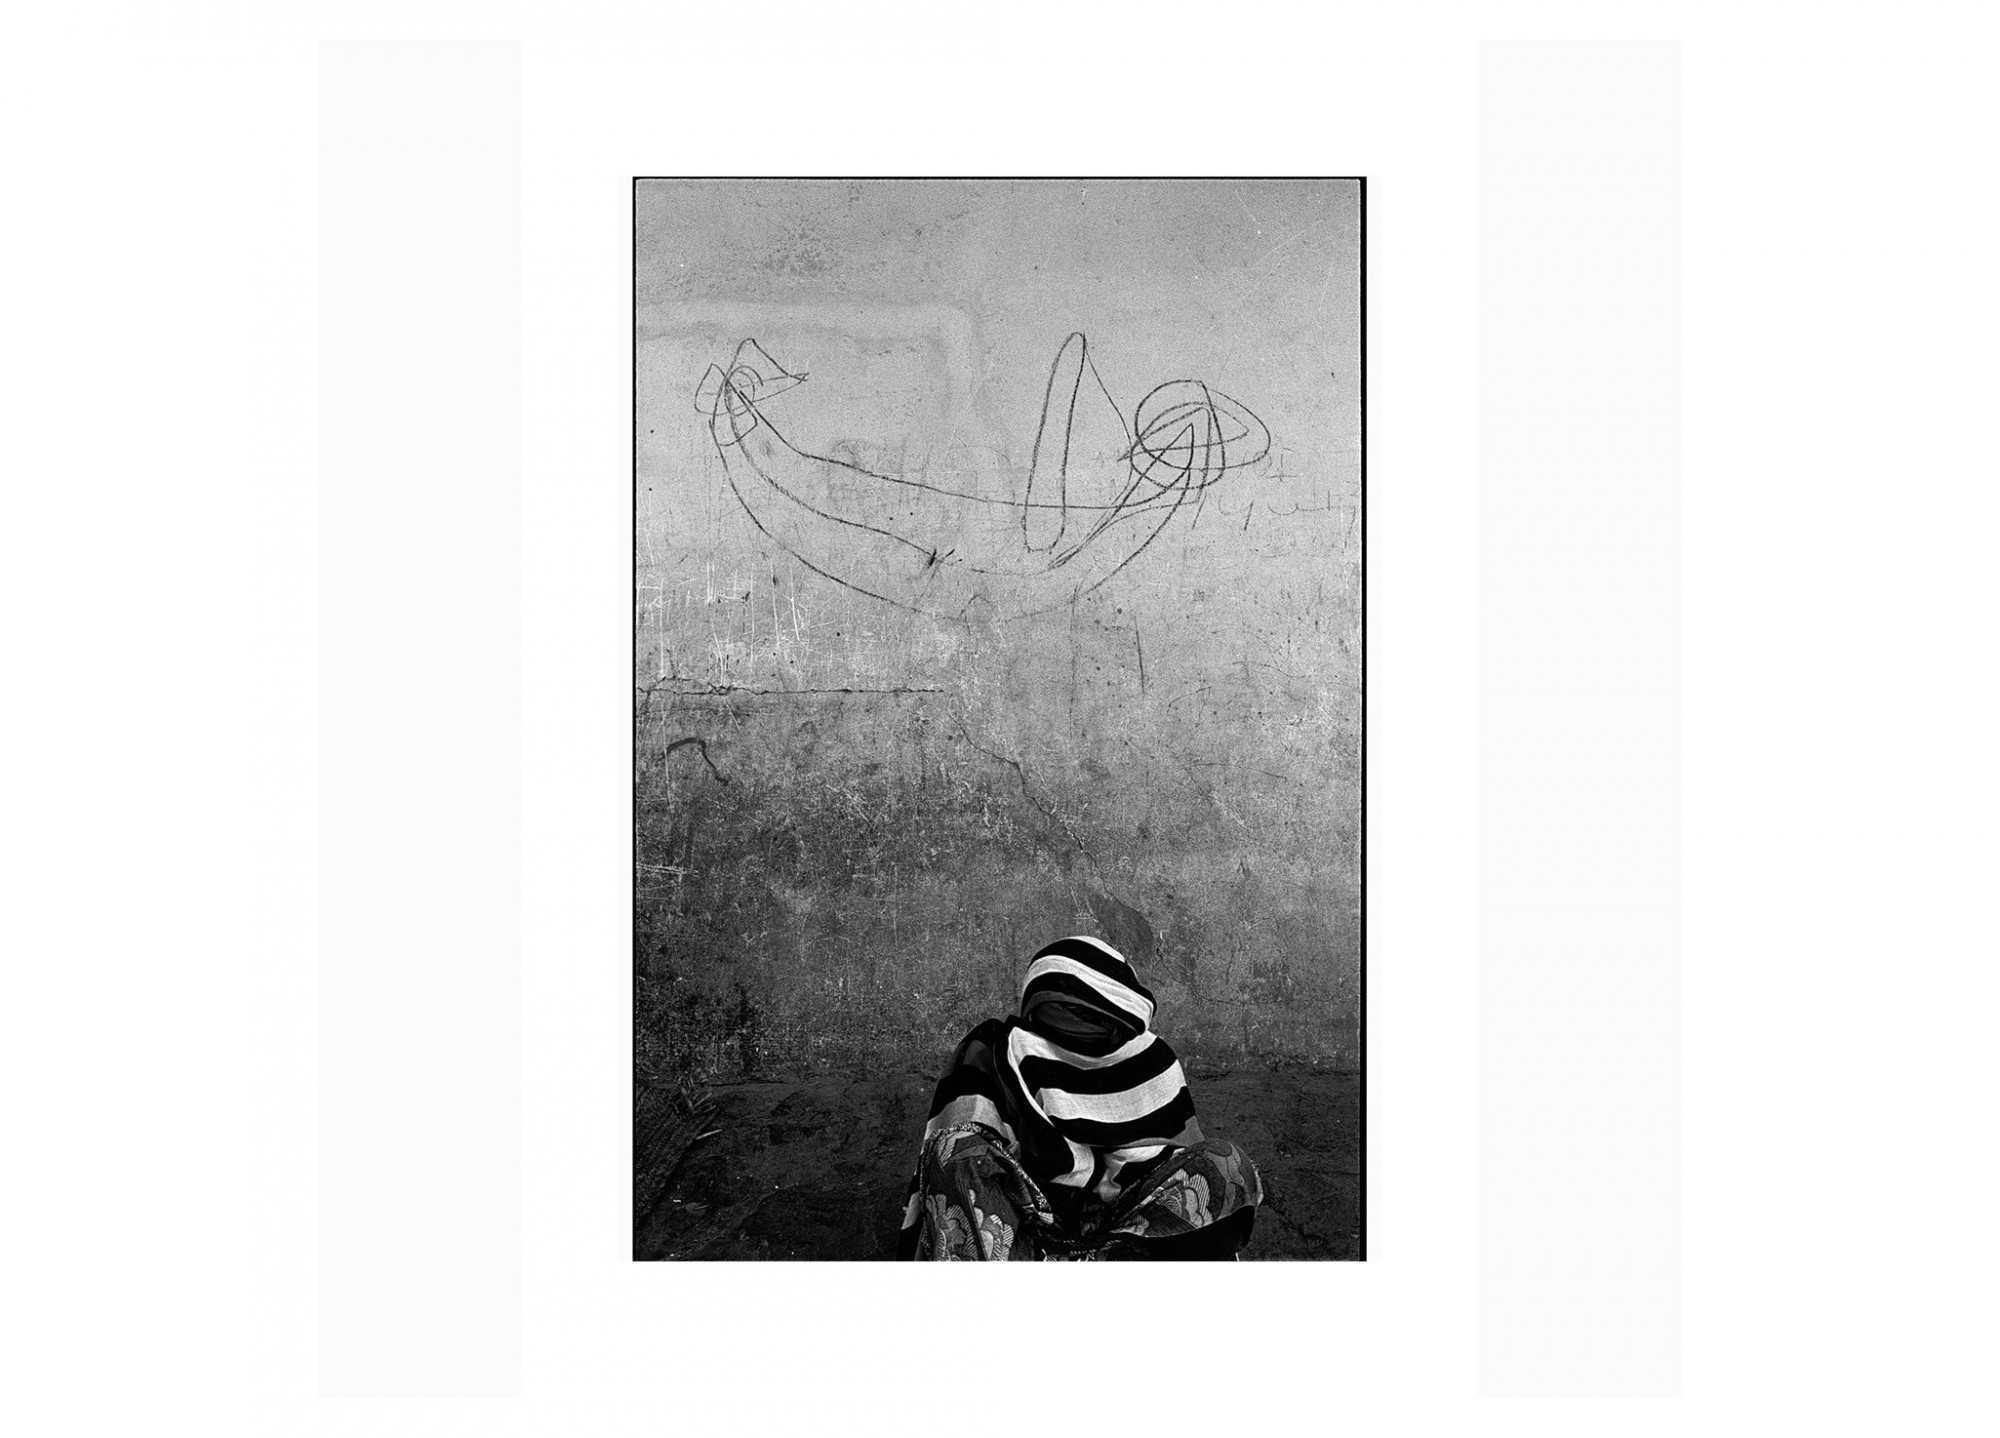 Afbeelding: Fotografie - Art, uit de reeks : De kleur van zwart. Mali, 98-21-34, © Dominique Van Huffel.